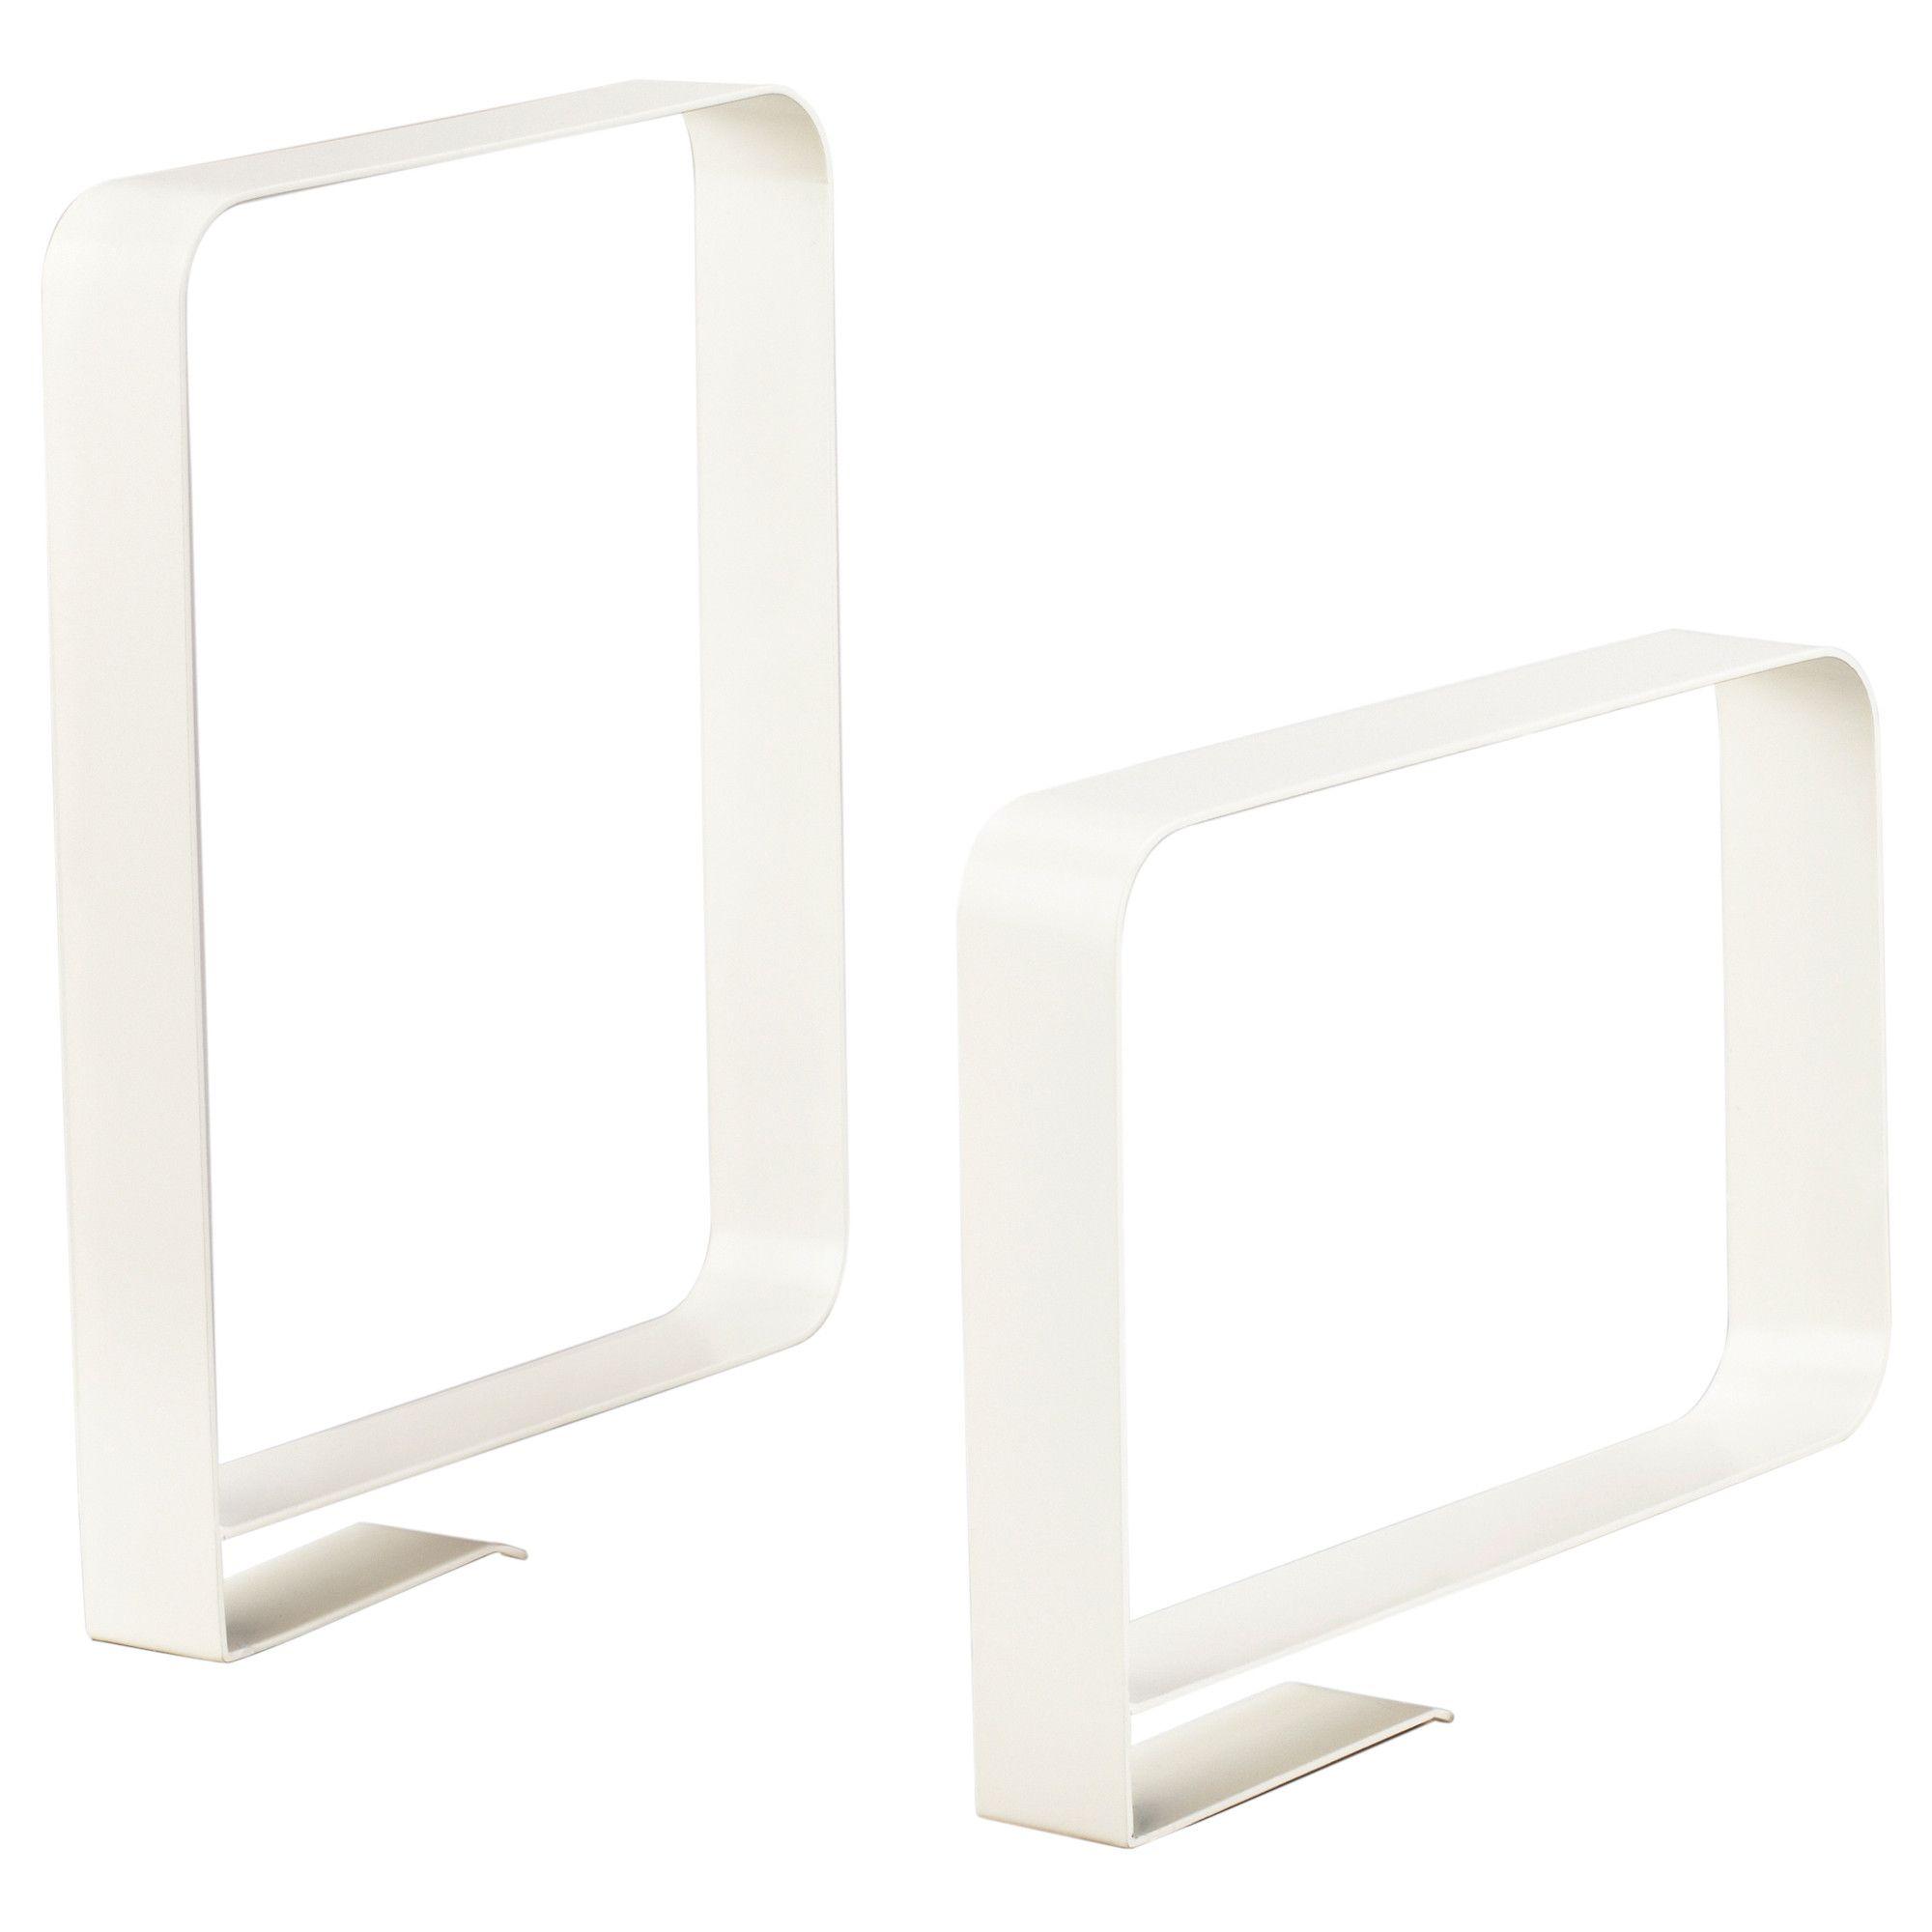 ikea kvissle bookend white powder coated steel workspace pinterest. Black Bedroom Furniture Sets. Home Design Ideas